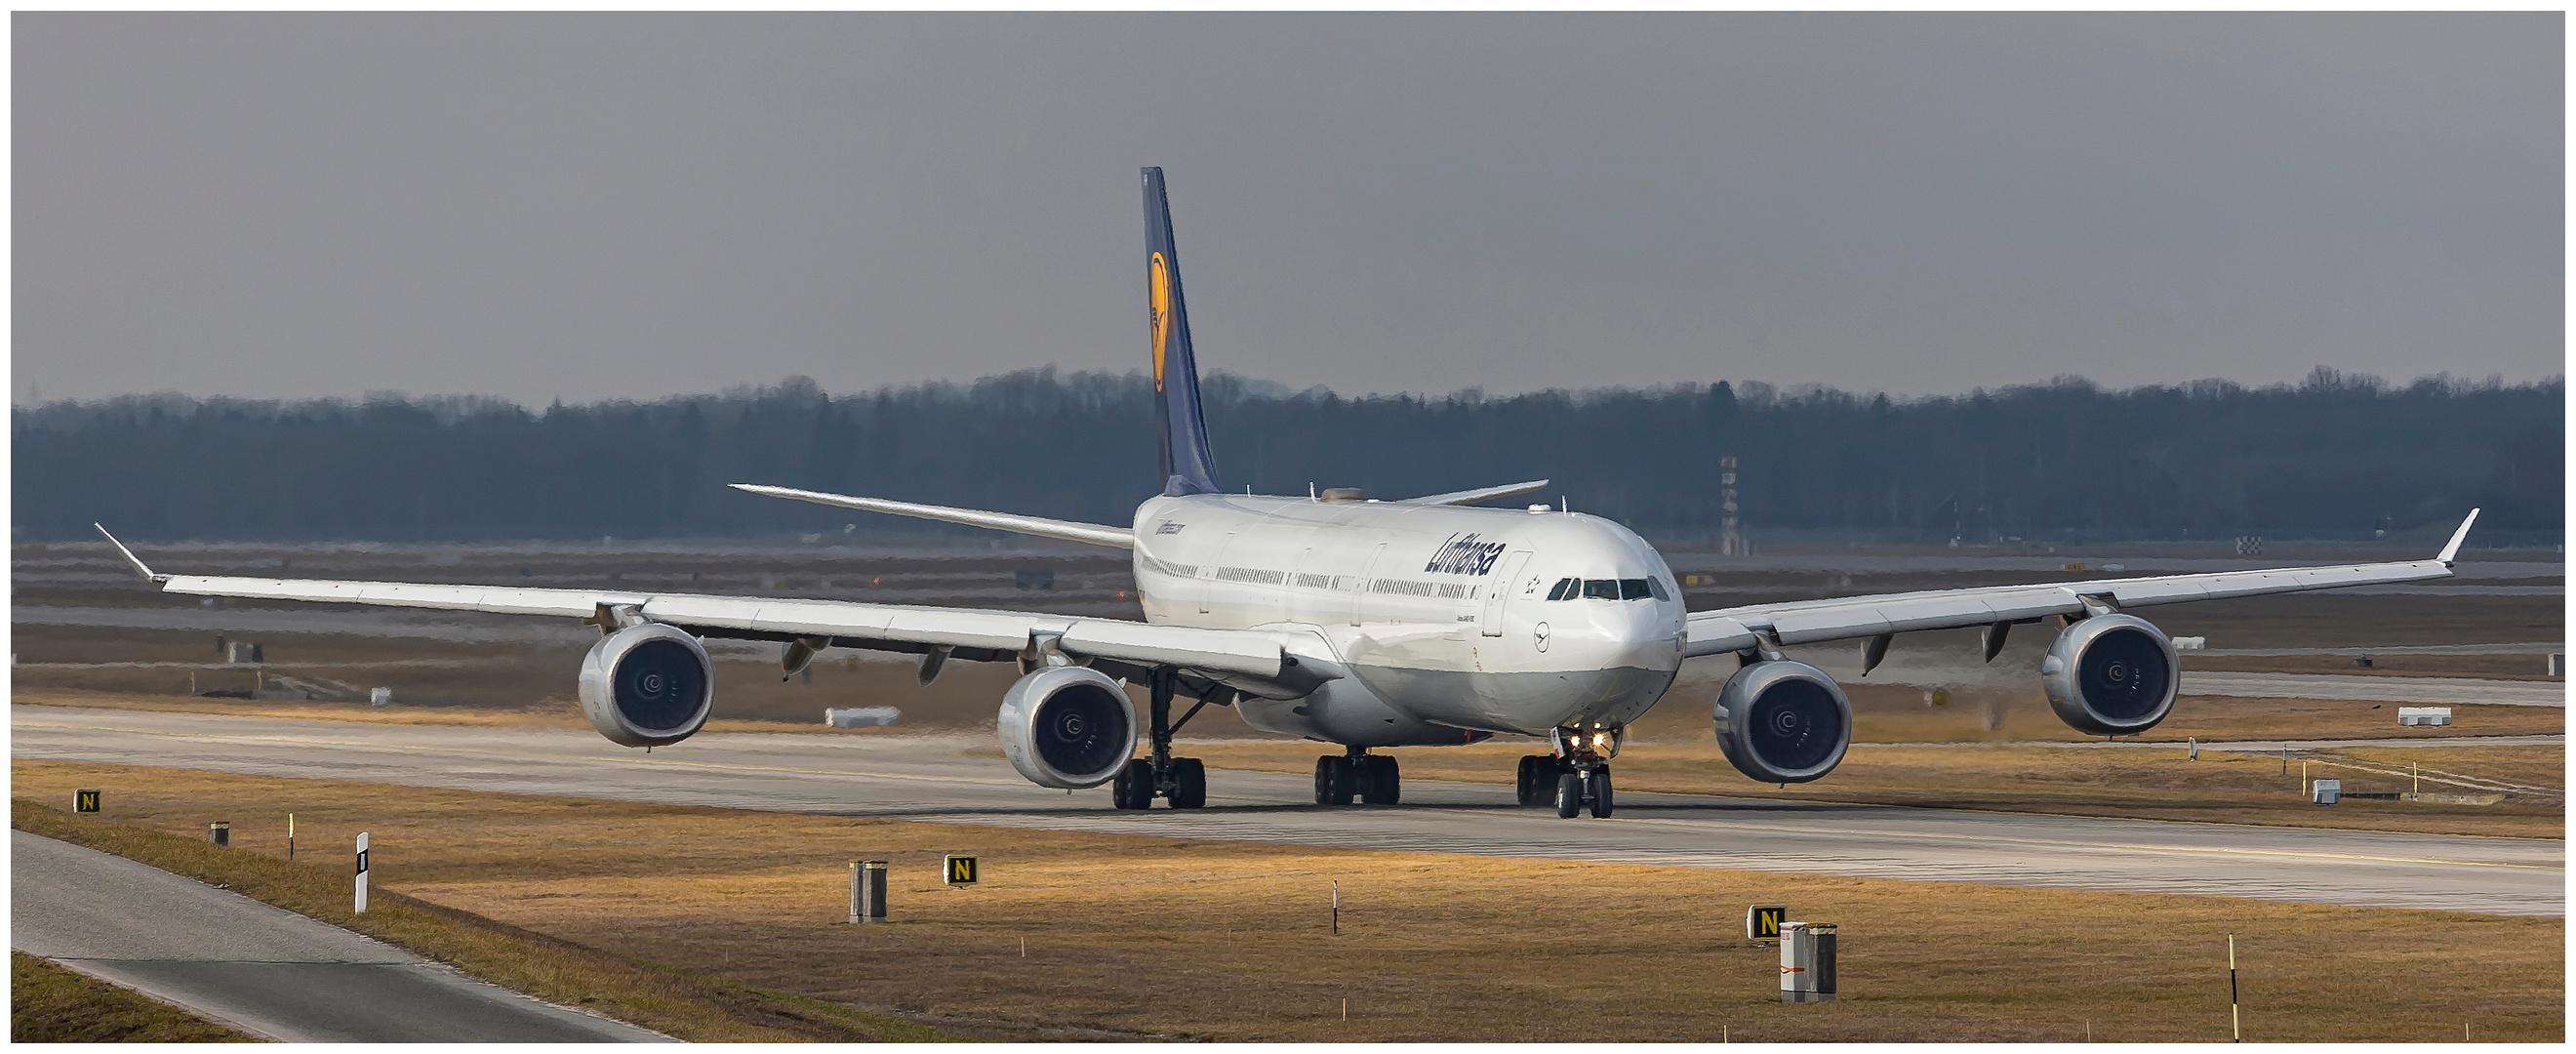 Ganz schön breit, dieser A340-600